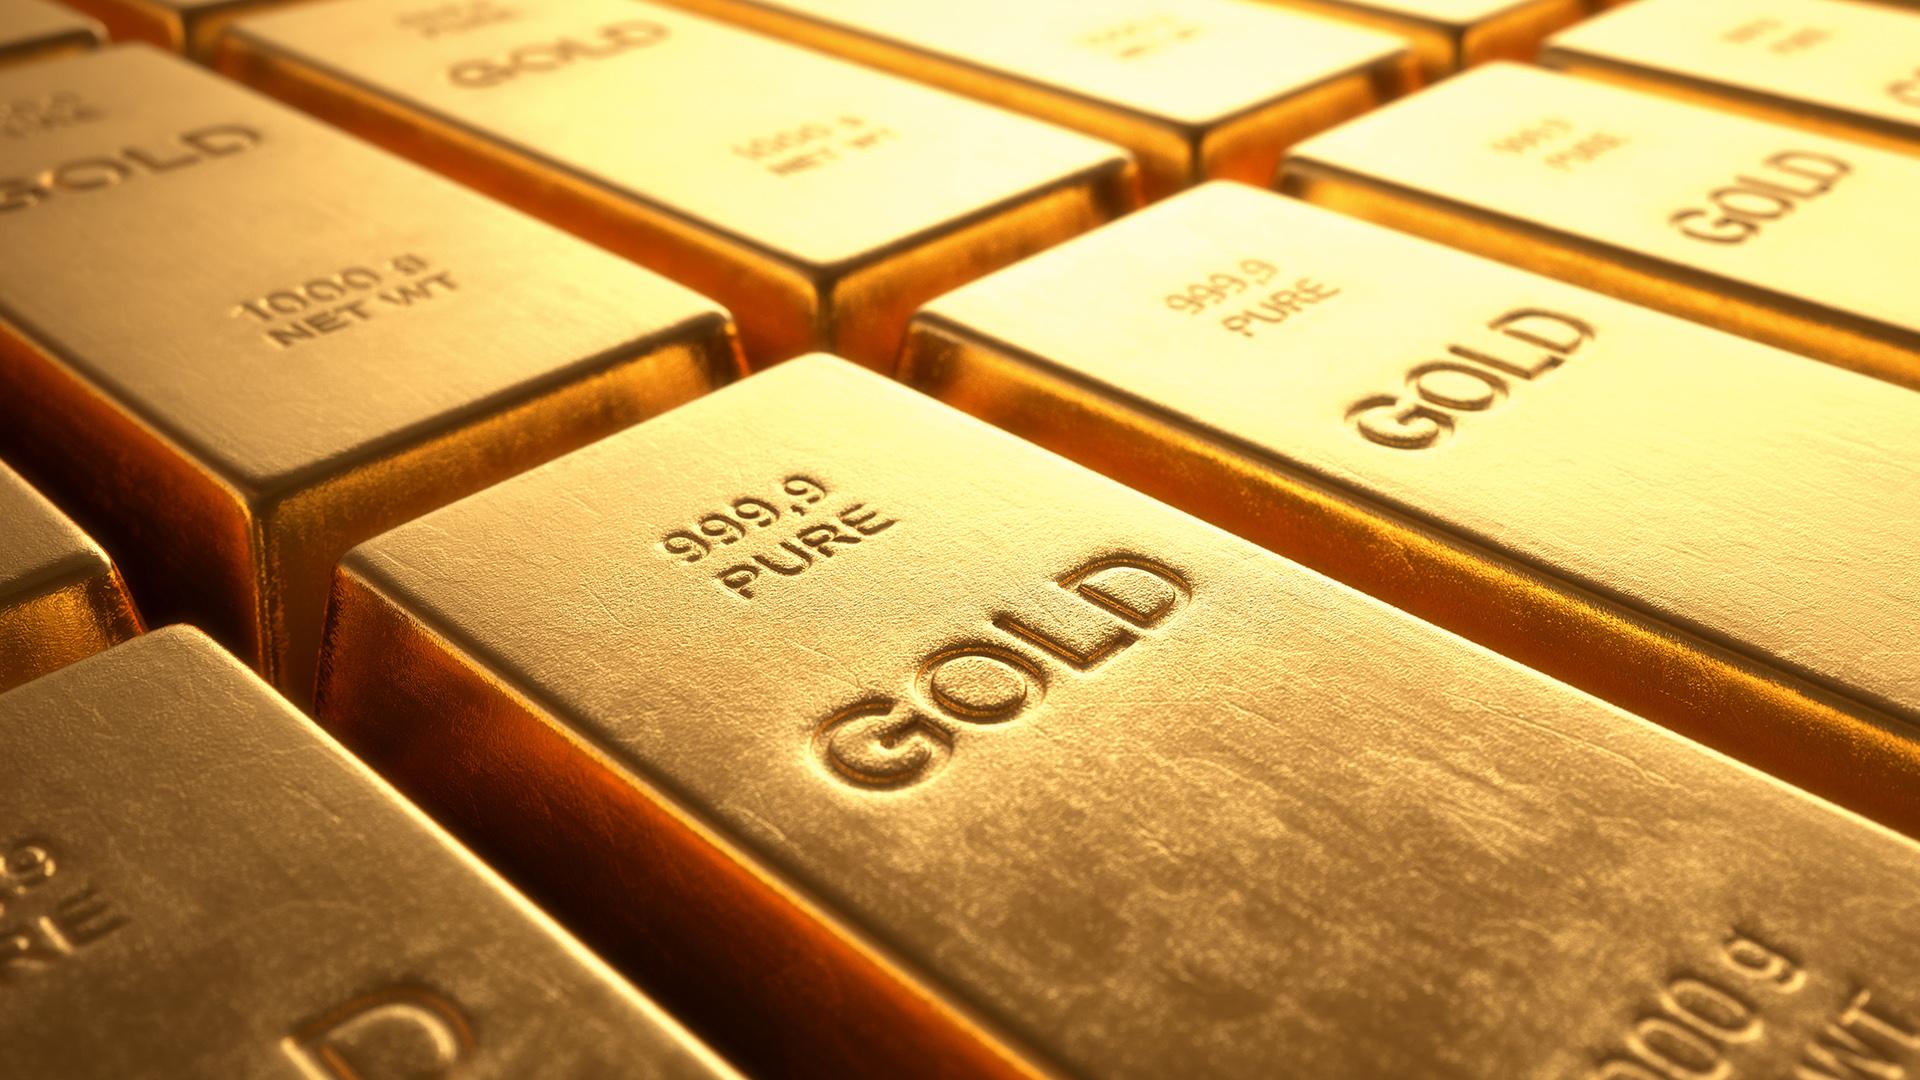 Las reservas de oro venezolano están siendo liquidadas por el régimen chavista (iStock)